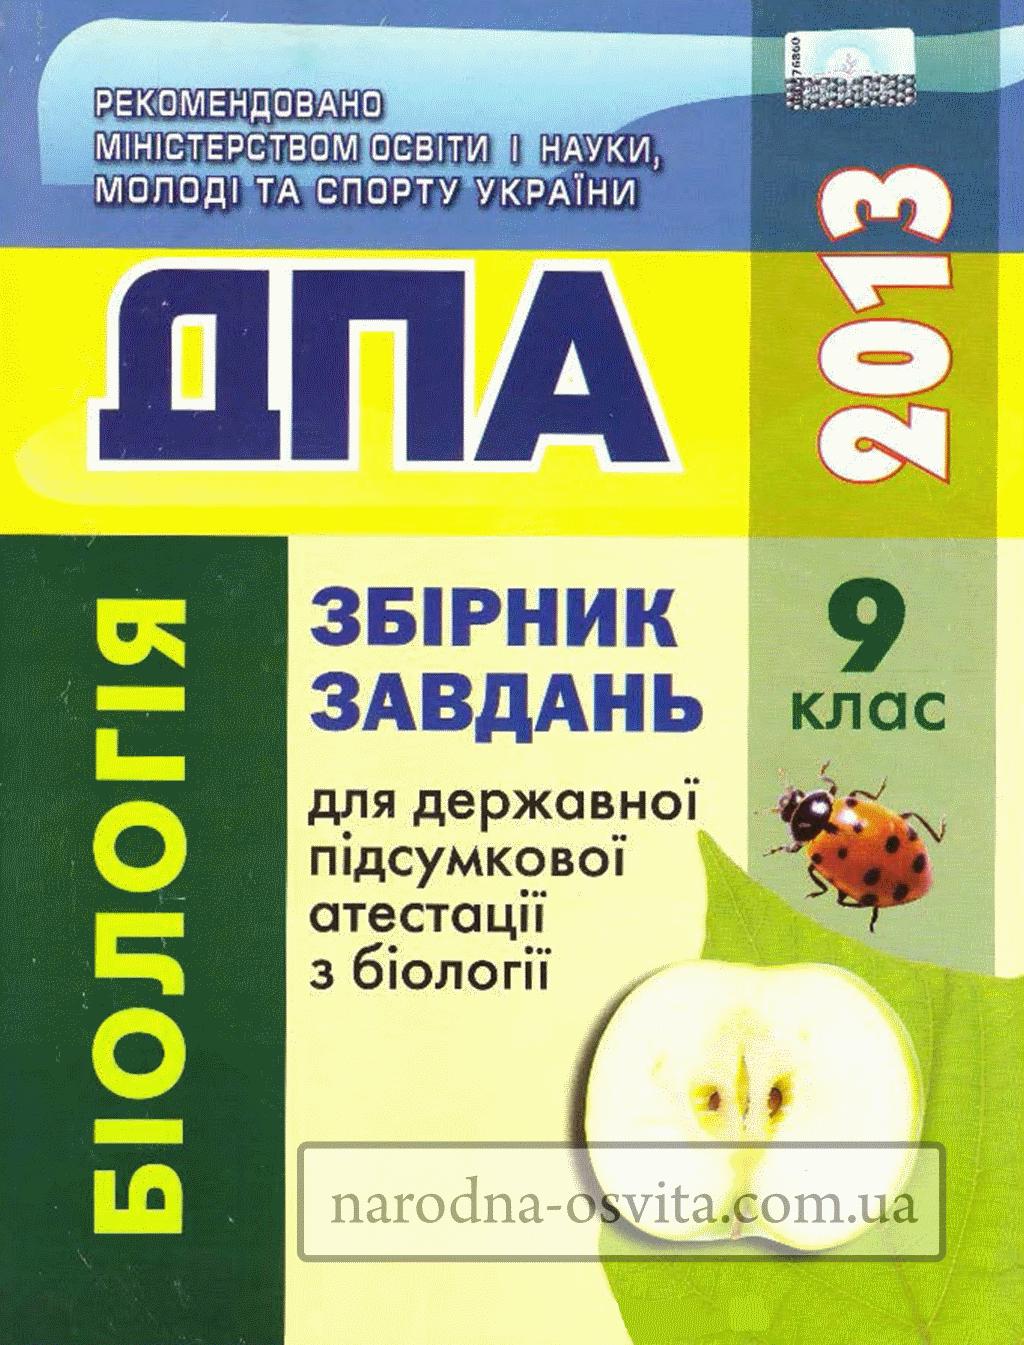 Збірник ДПА 2013 з біології для державної підсумкової атестації для 9 класу